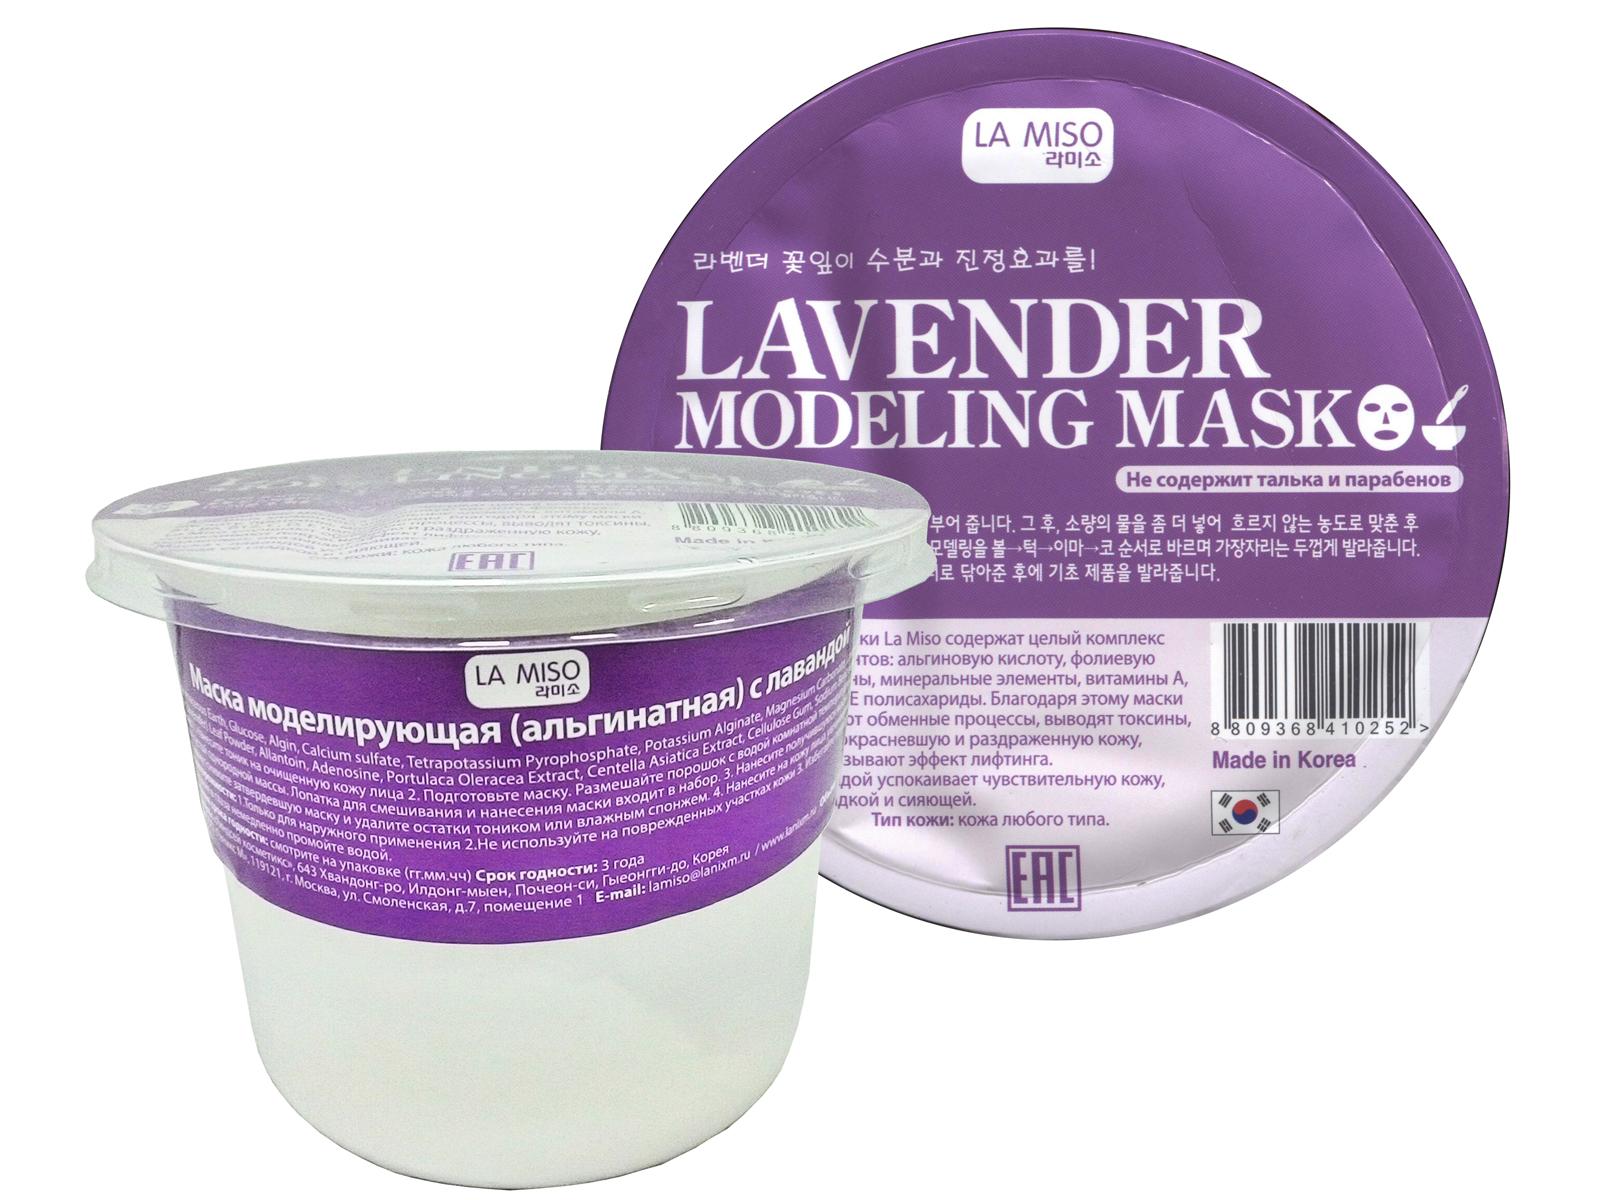 La Miso Маска моделирующая, альгинатная с лавандой, 28 гN.S-3.5Альгинатные маски La Miso содержат целый комплекс полезных элементов: альгиновую кислоту, фолиевую кислоту, протеины, минеральные элементы, витамины A, B1, B6, B12, C, D, E полисахариды. Благодаря этому маски La Miso улучшают обменные процессы, выводят токсины, успокаивают покрасневшую и раздраженную кожу, увлажняют, оказывают эффект лифтинг